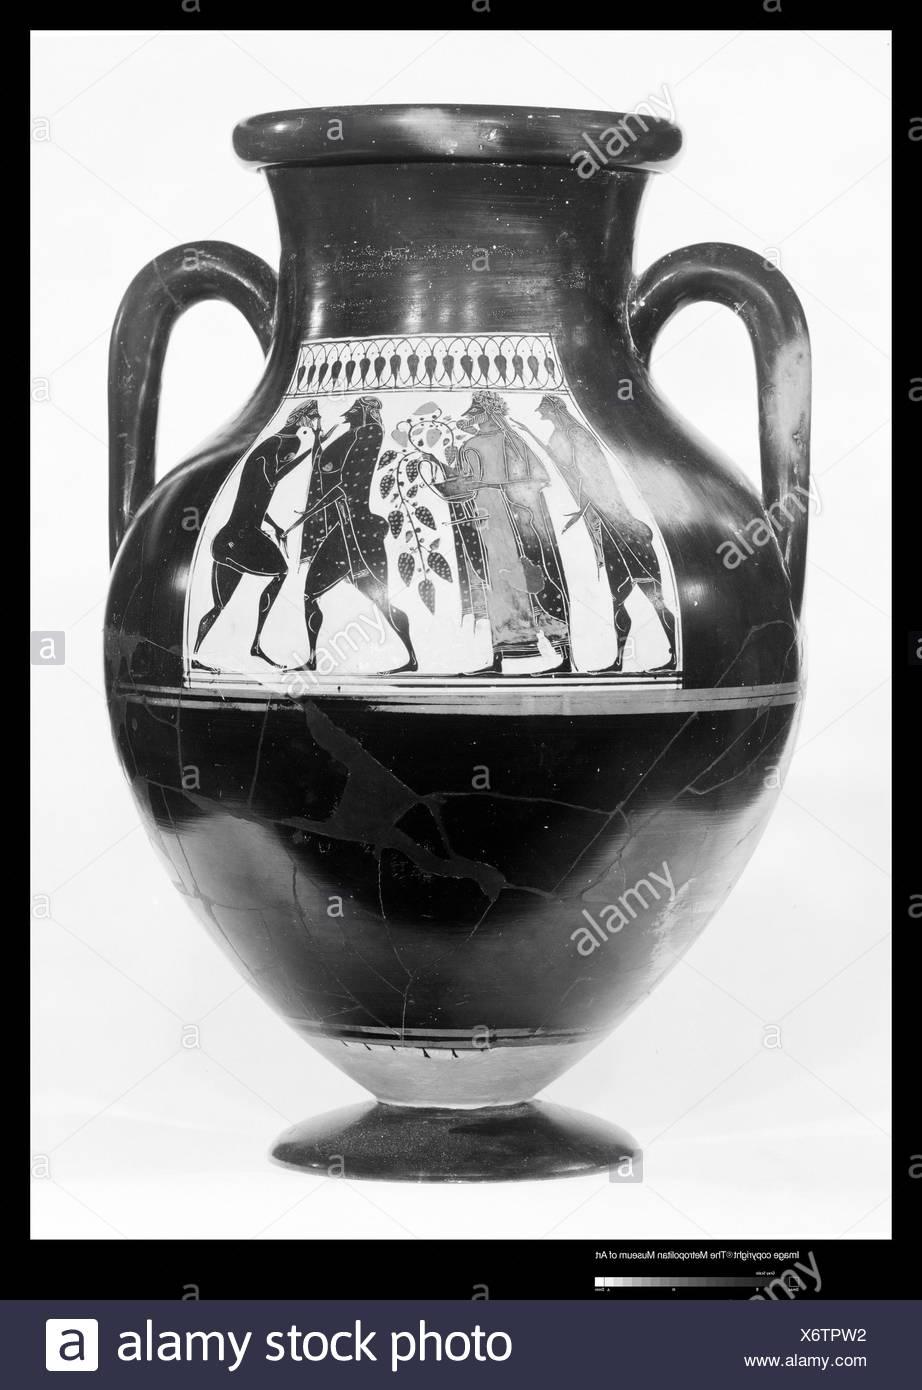 Terracotta amphora (jar). Attributed to the Affecter; Period: Archaic; Date: ca. 550-530 B.C; Culture: Greek, Attic; Medium: Terracotta; Stock Photo